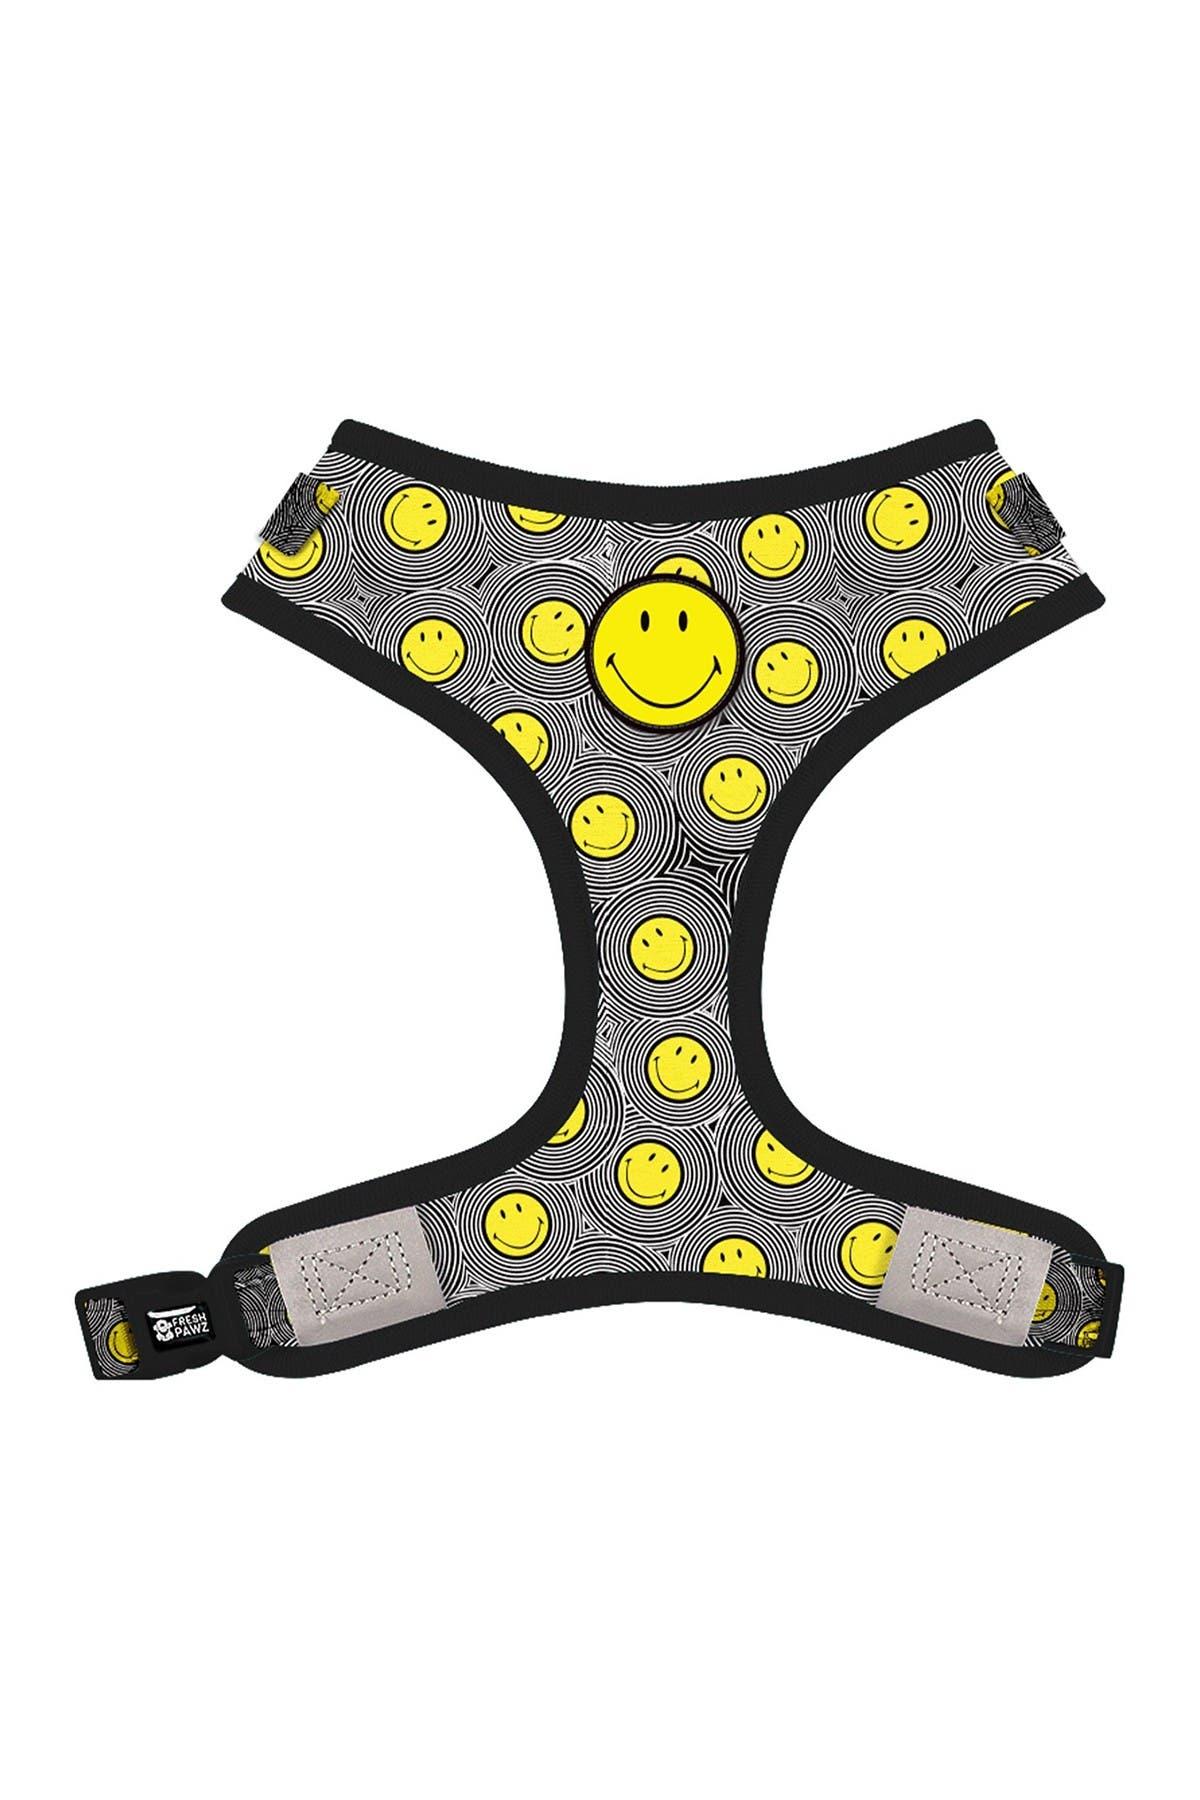 Image of FRESH PAWZ Smiley X Fresh Pawz - Happy Collection Adjustable Mesh Harness - Large